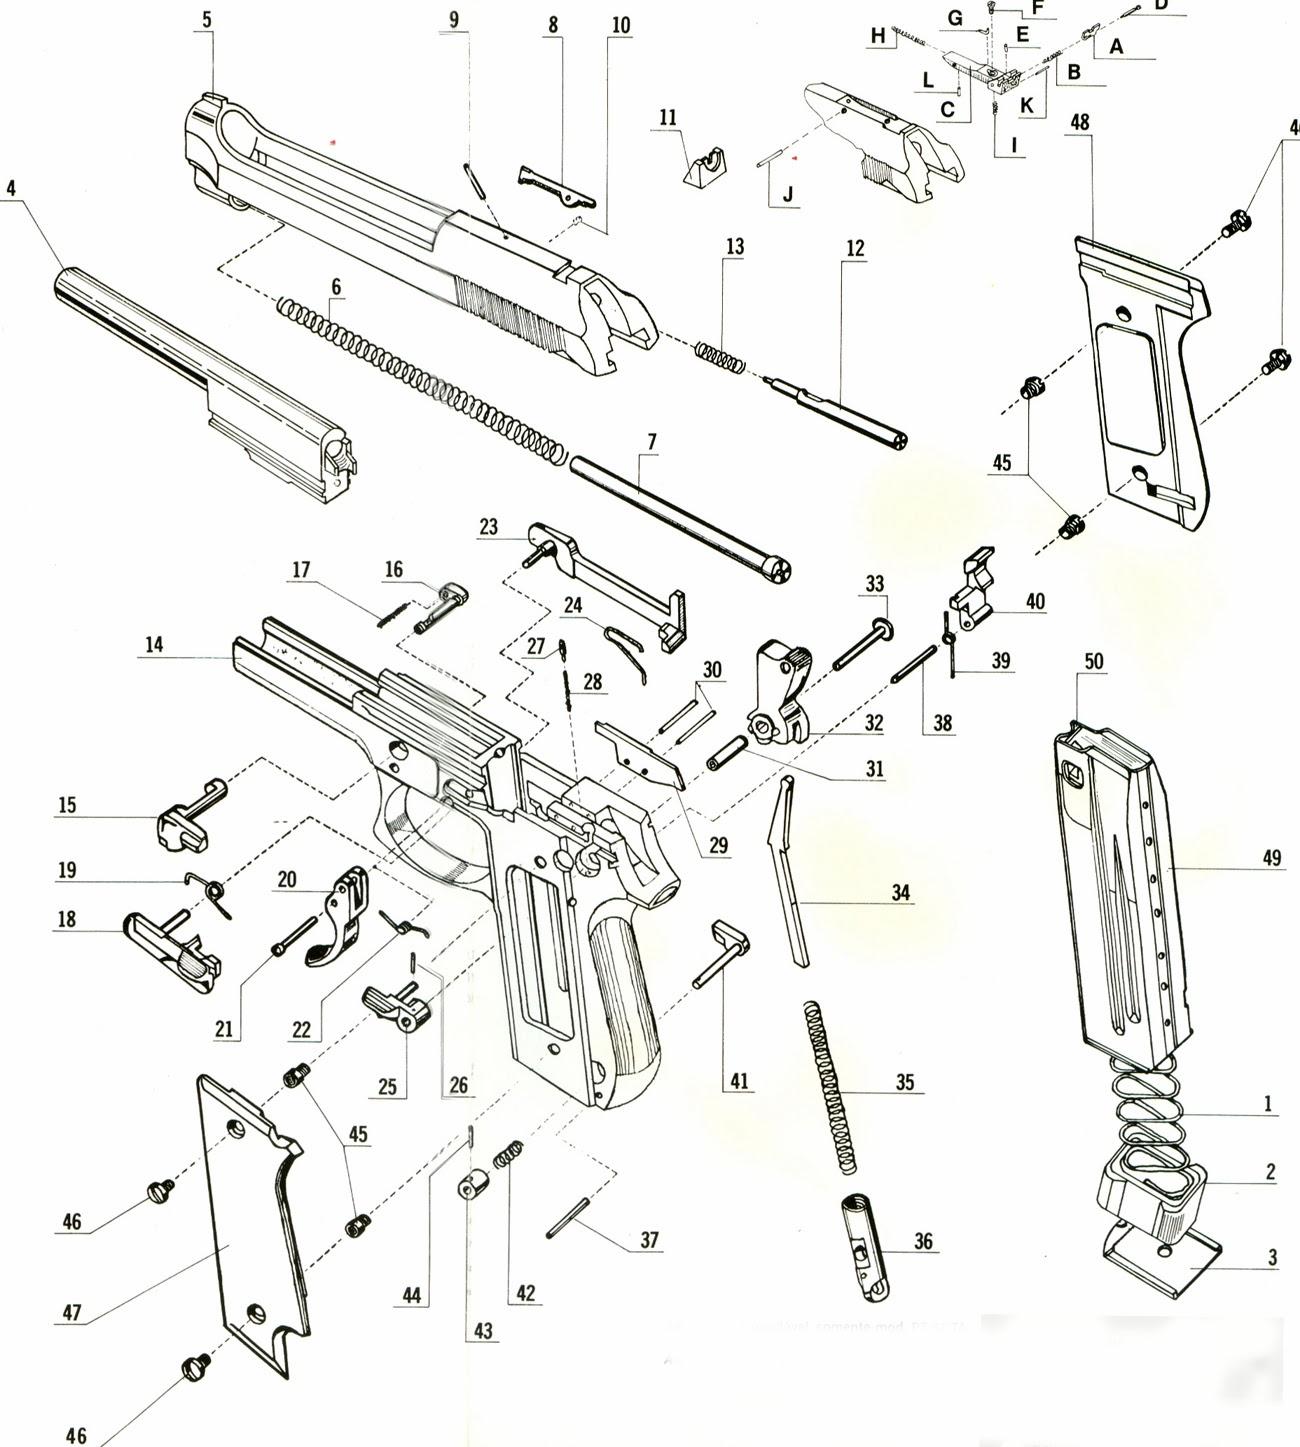 Tiro Recarga E Fabricacao De Projeteis Esquemas De Armas Explodias